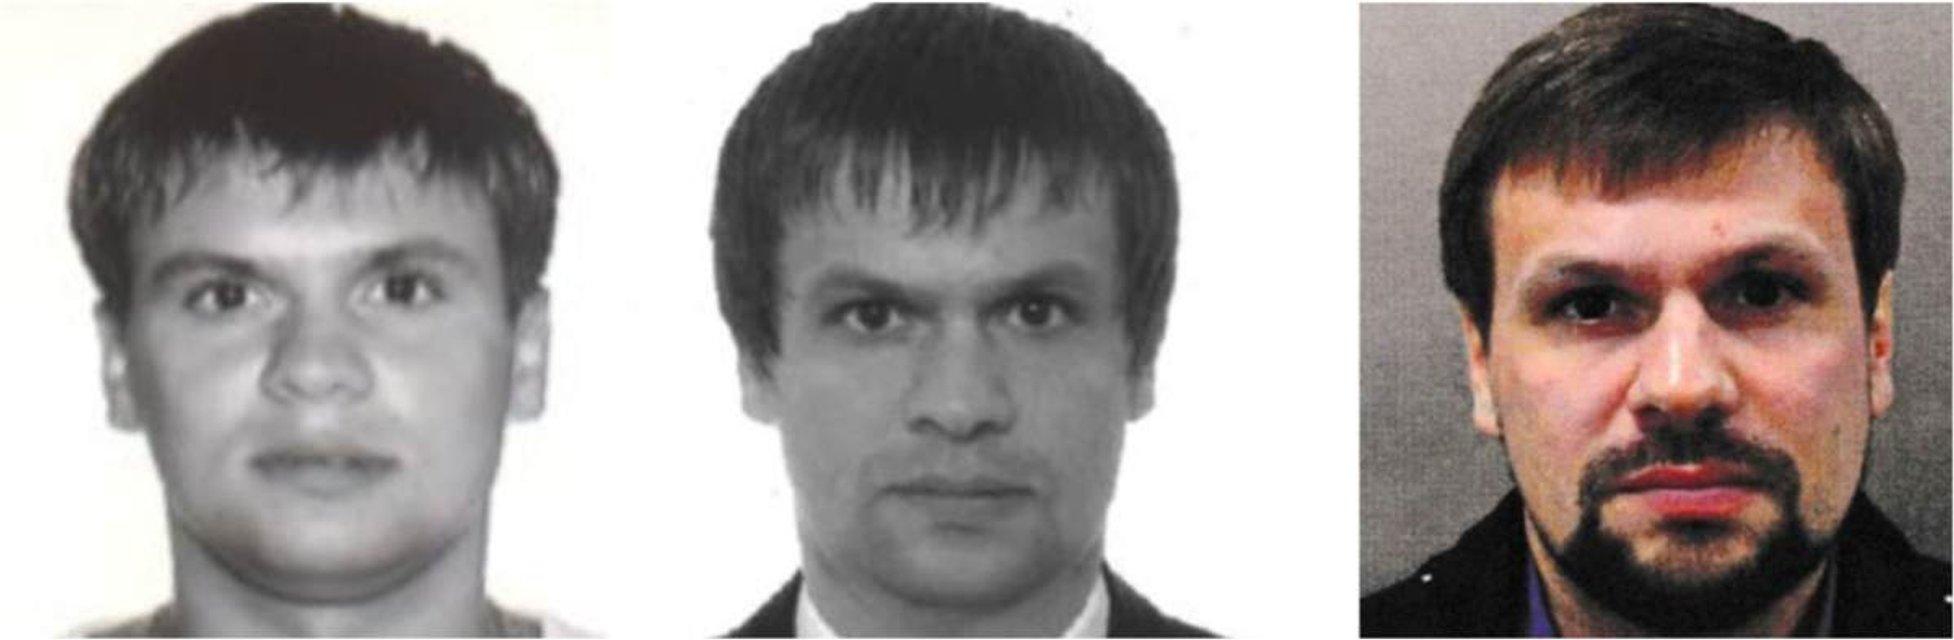 Воевавший на Донбассе герой России: стало известно реальное имя отравителя Скрипалей - фото 150088